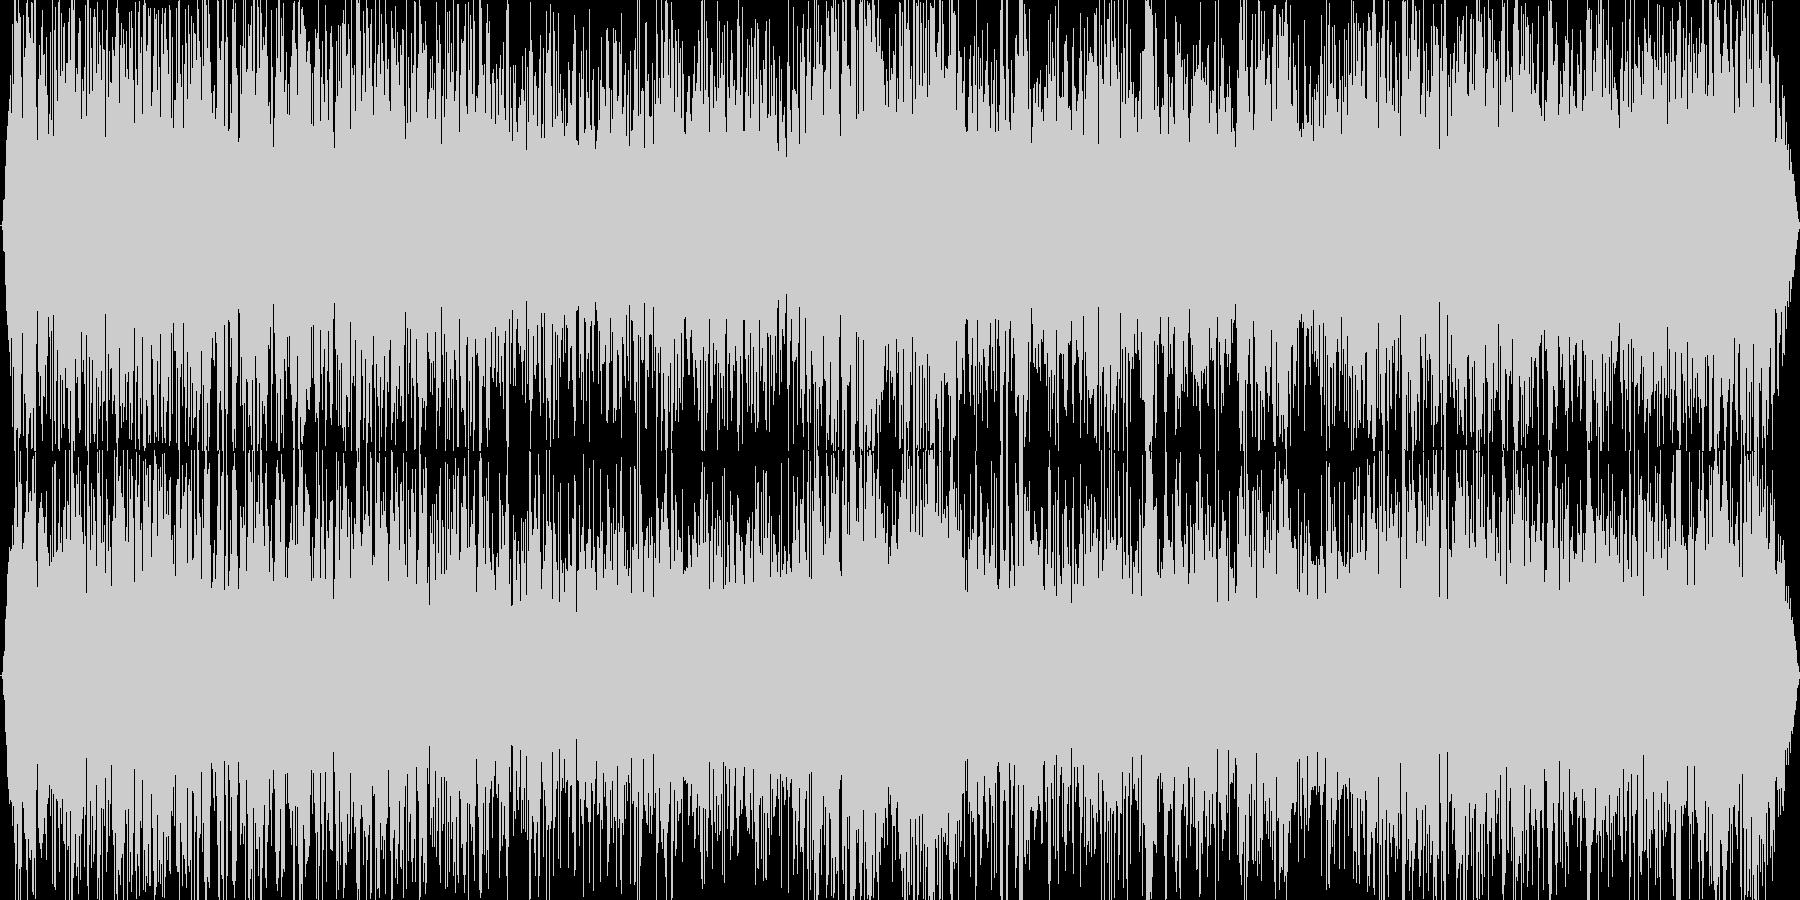 地響き(ゴゴゴゴ・・・・)の未再生の波形